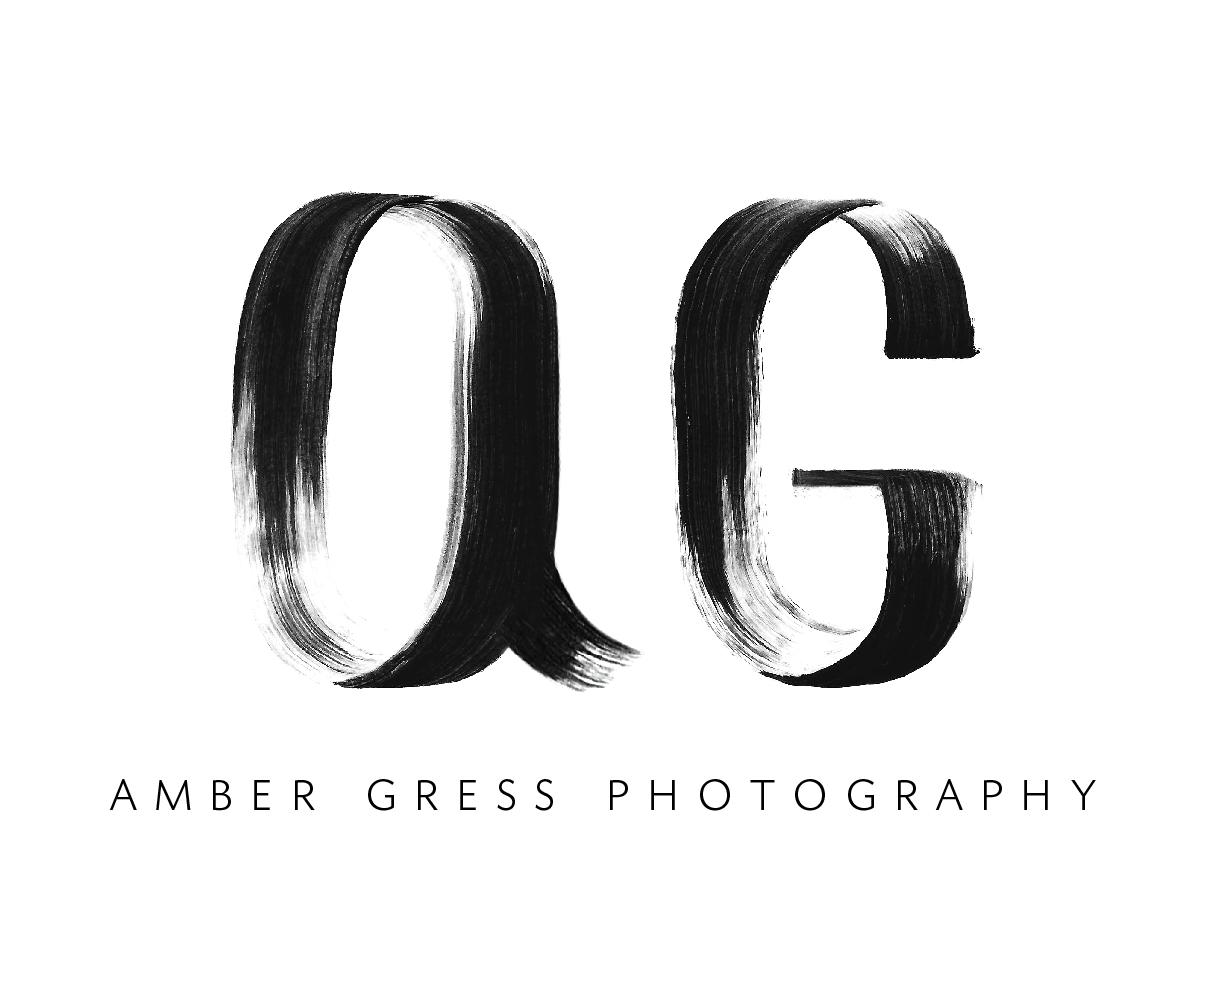 AmberGressLogo_300dpi.jpg